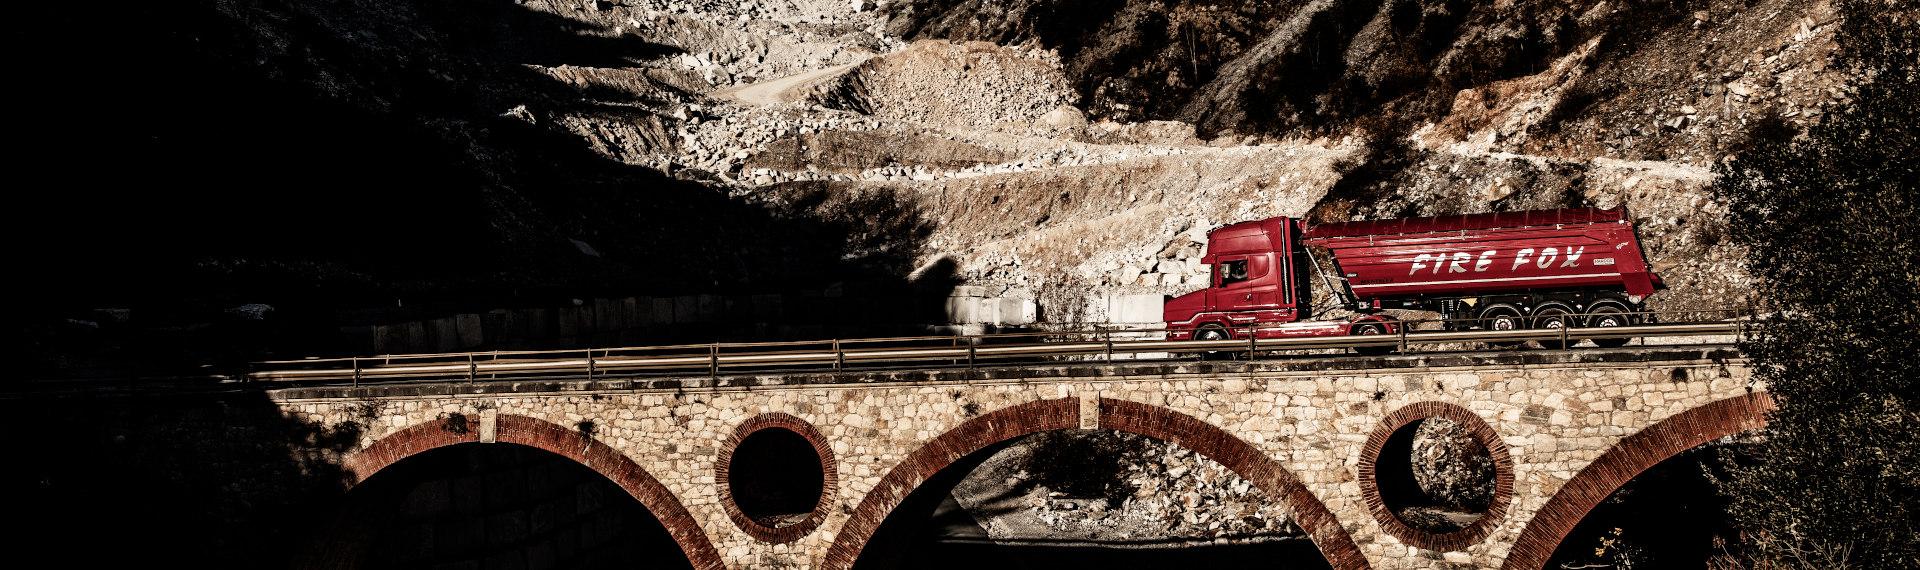 A Hardox 500 Tuf acéllemezből készült, tűzvörös Fire Fox teherautó, átkel egy hídon